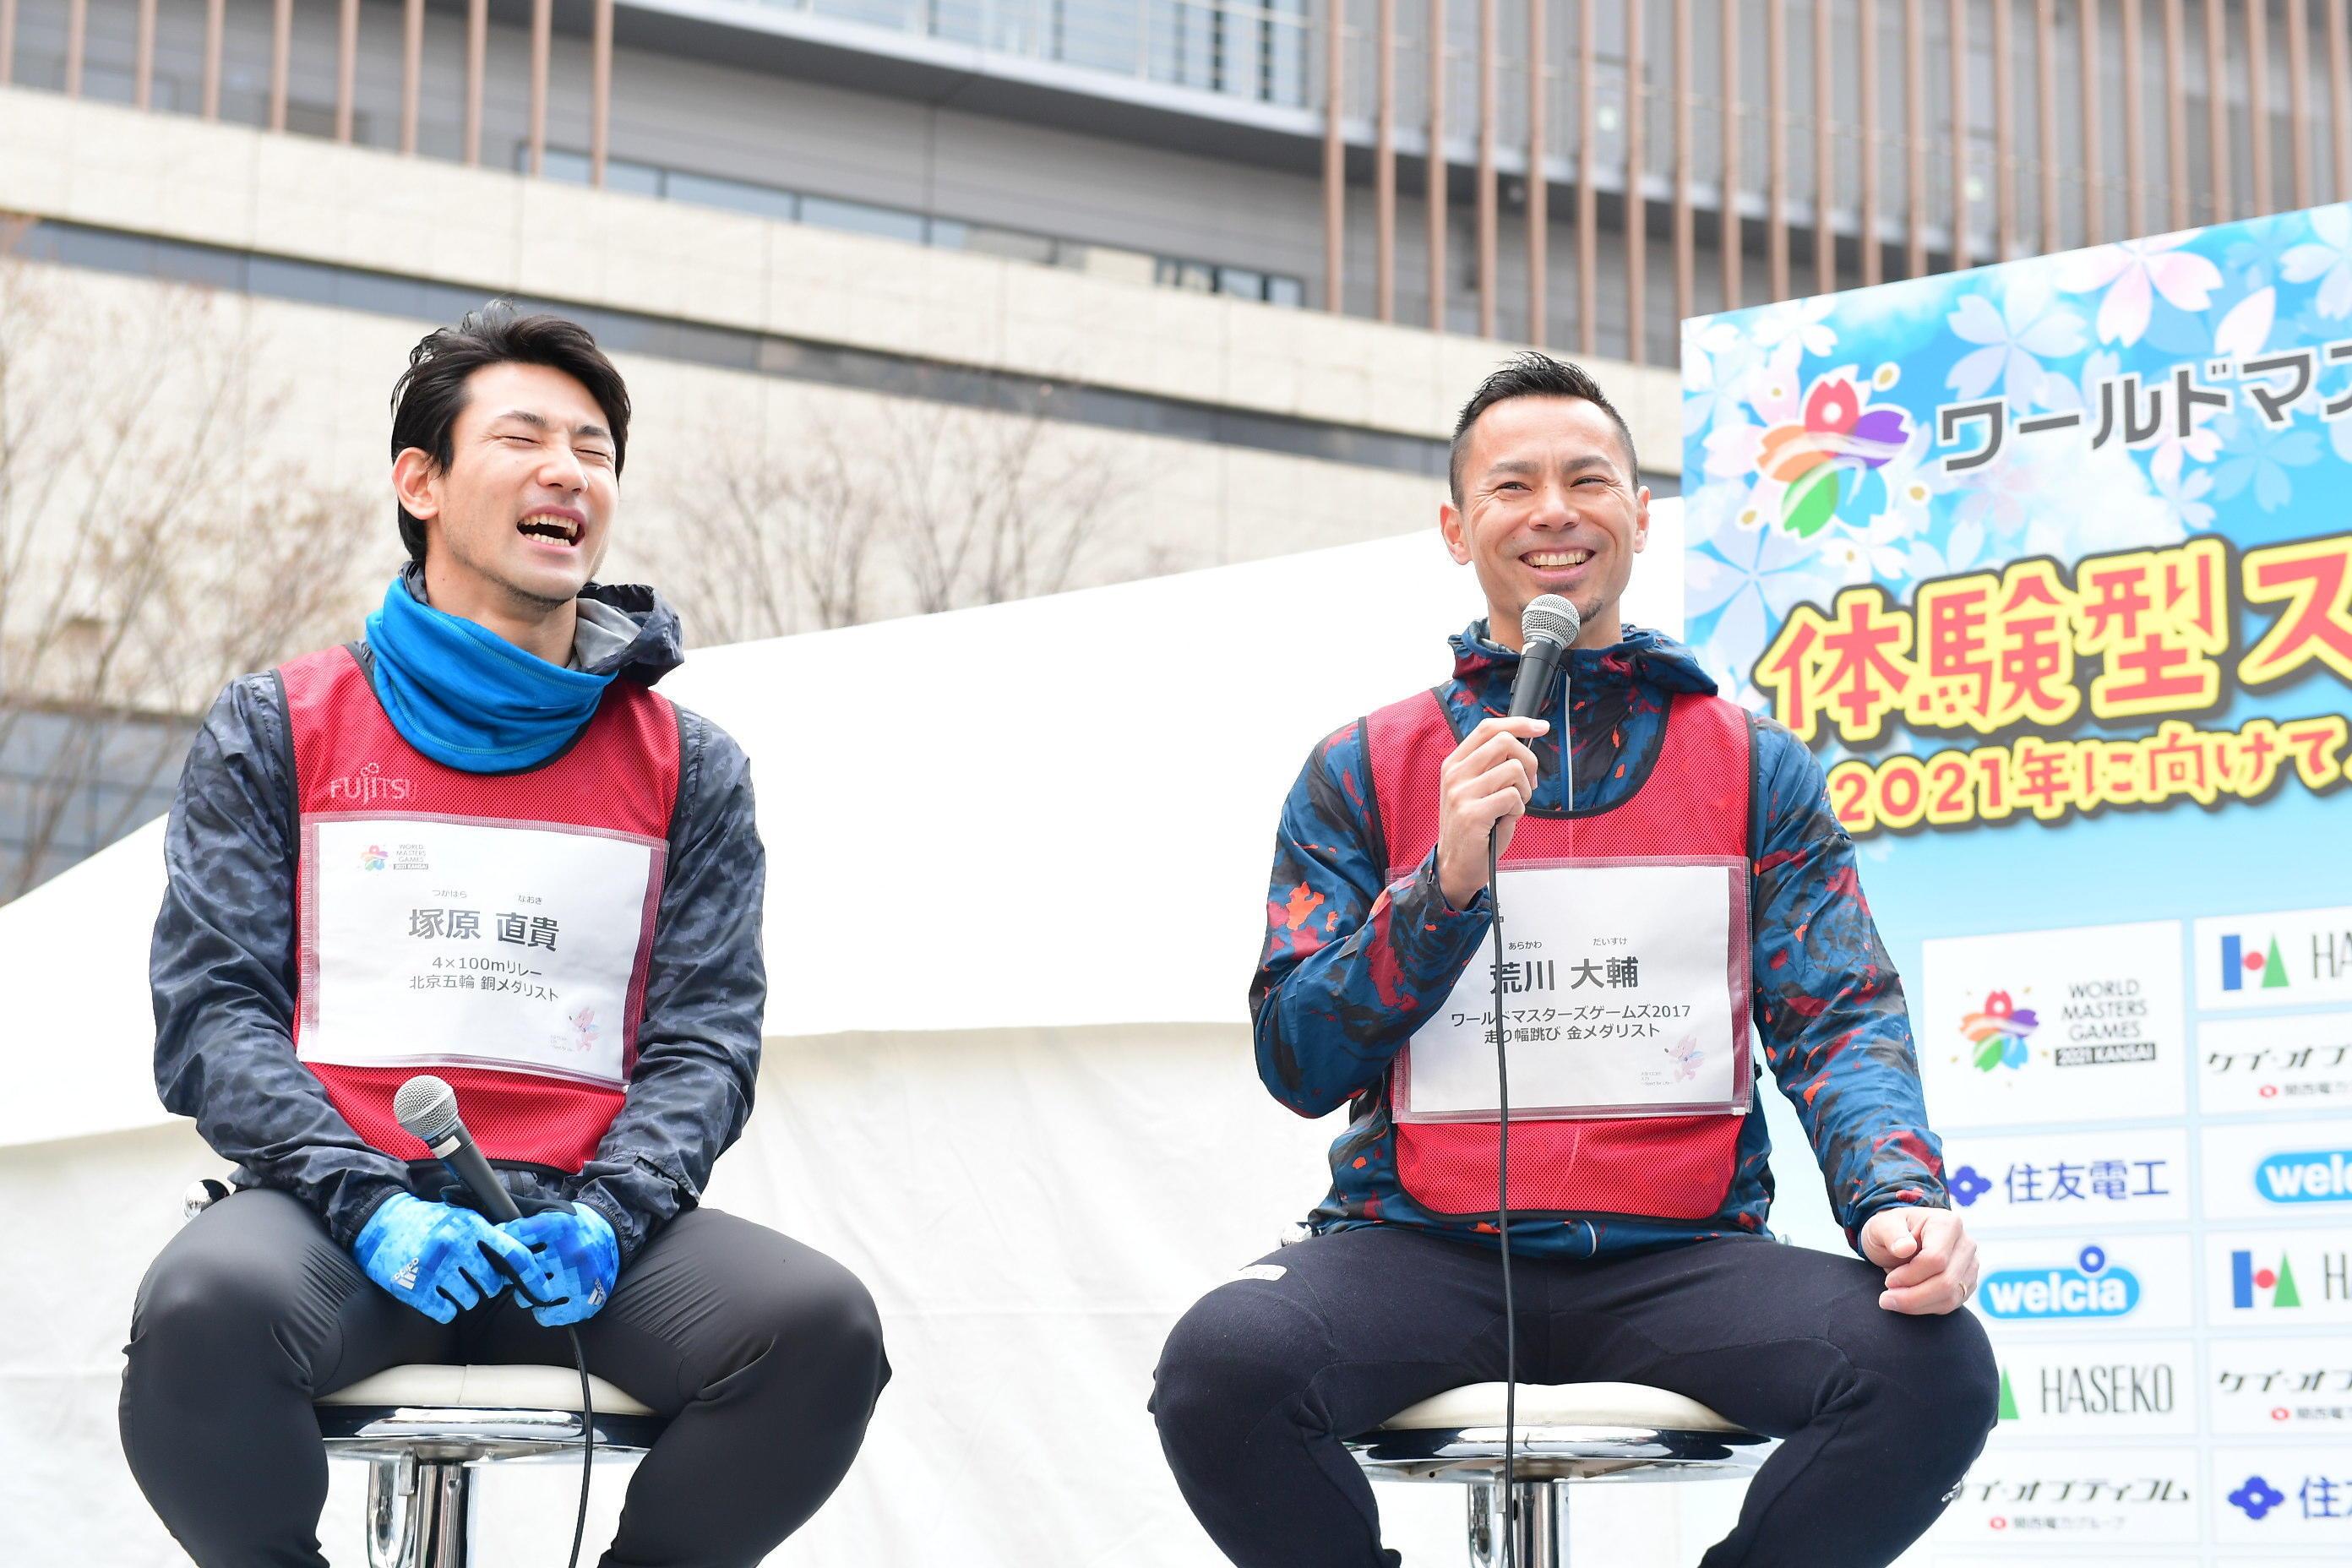 http://news.yoshimoto.co.jp/20180325175723-2374bdc5238416b1147f68b9ce41bc44941fb2ef.jpg